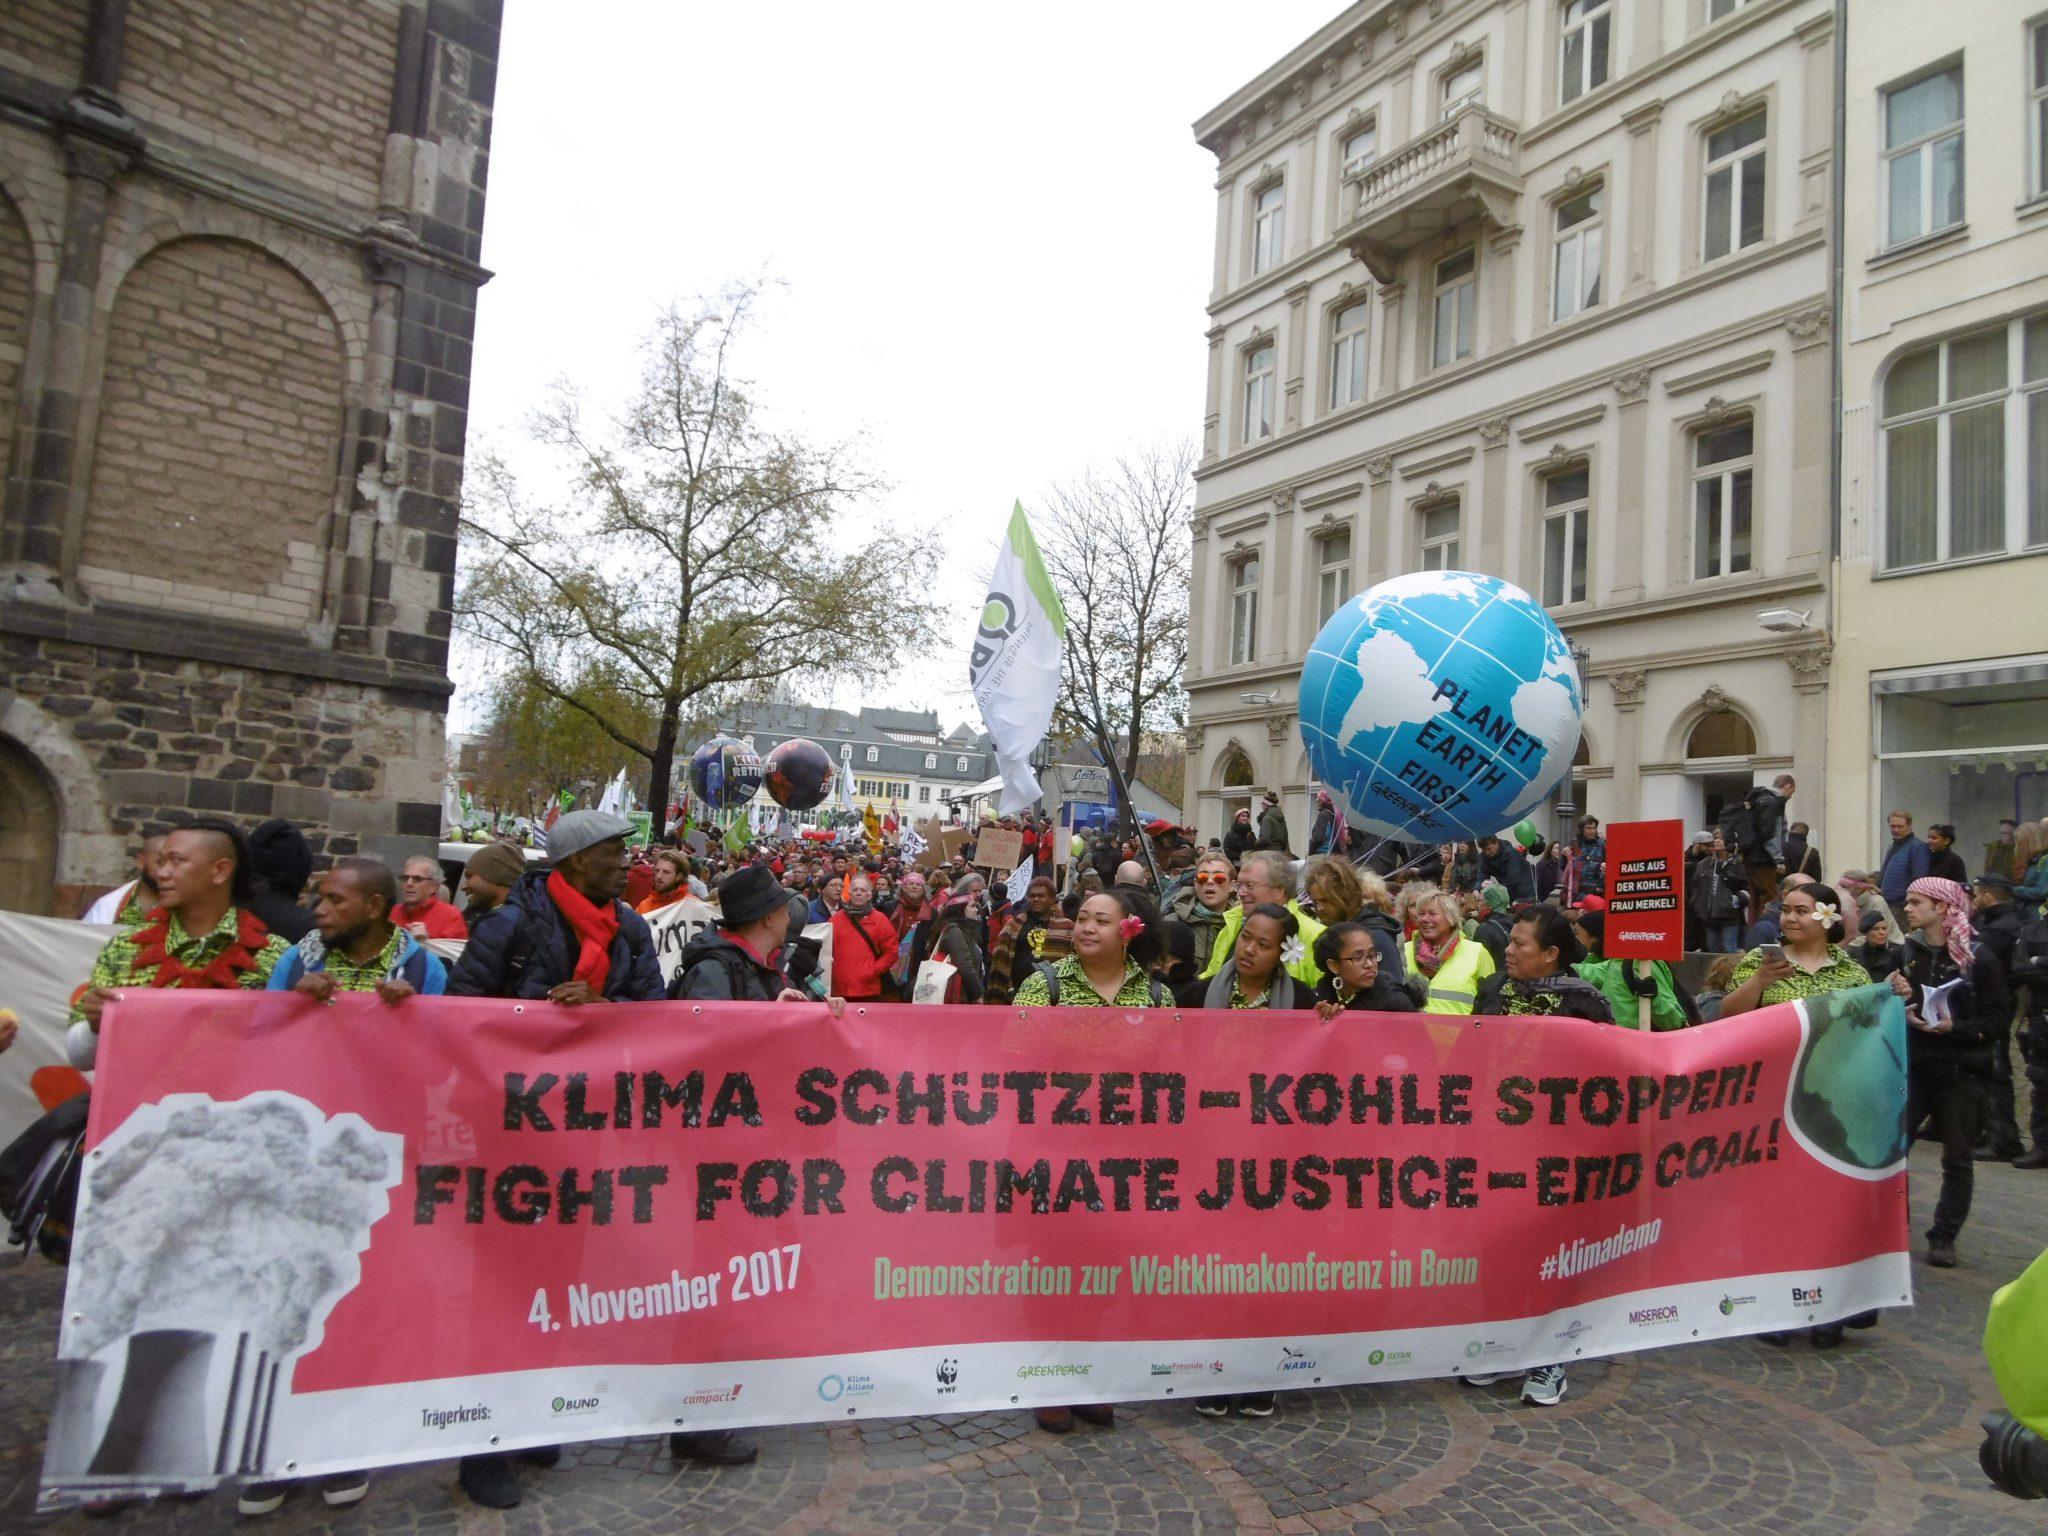 Pressemitteilung zur Demonstration in Bonn am 4.11.